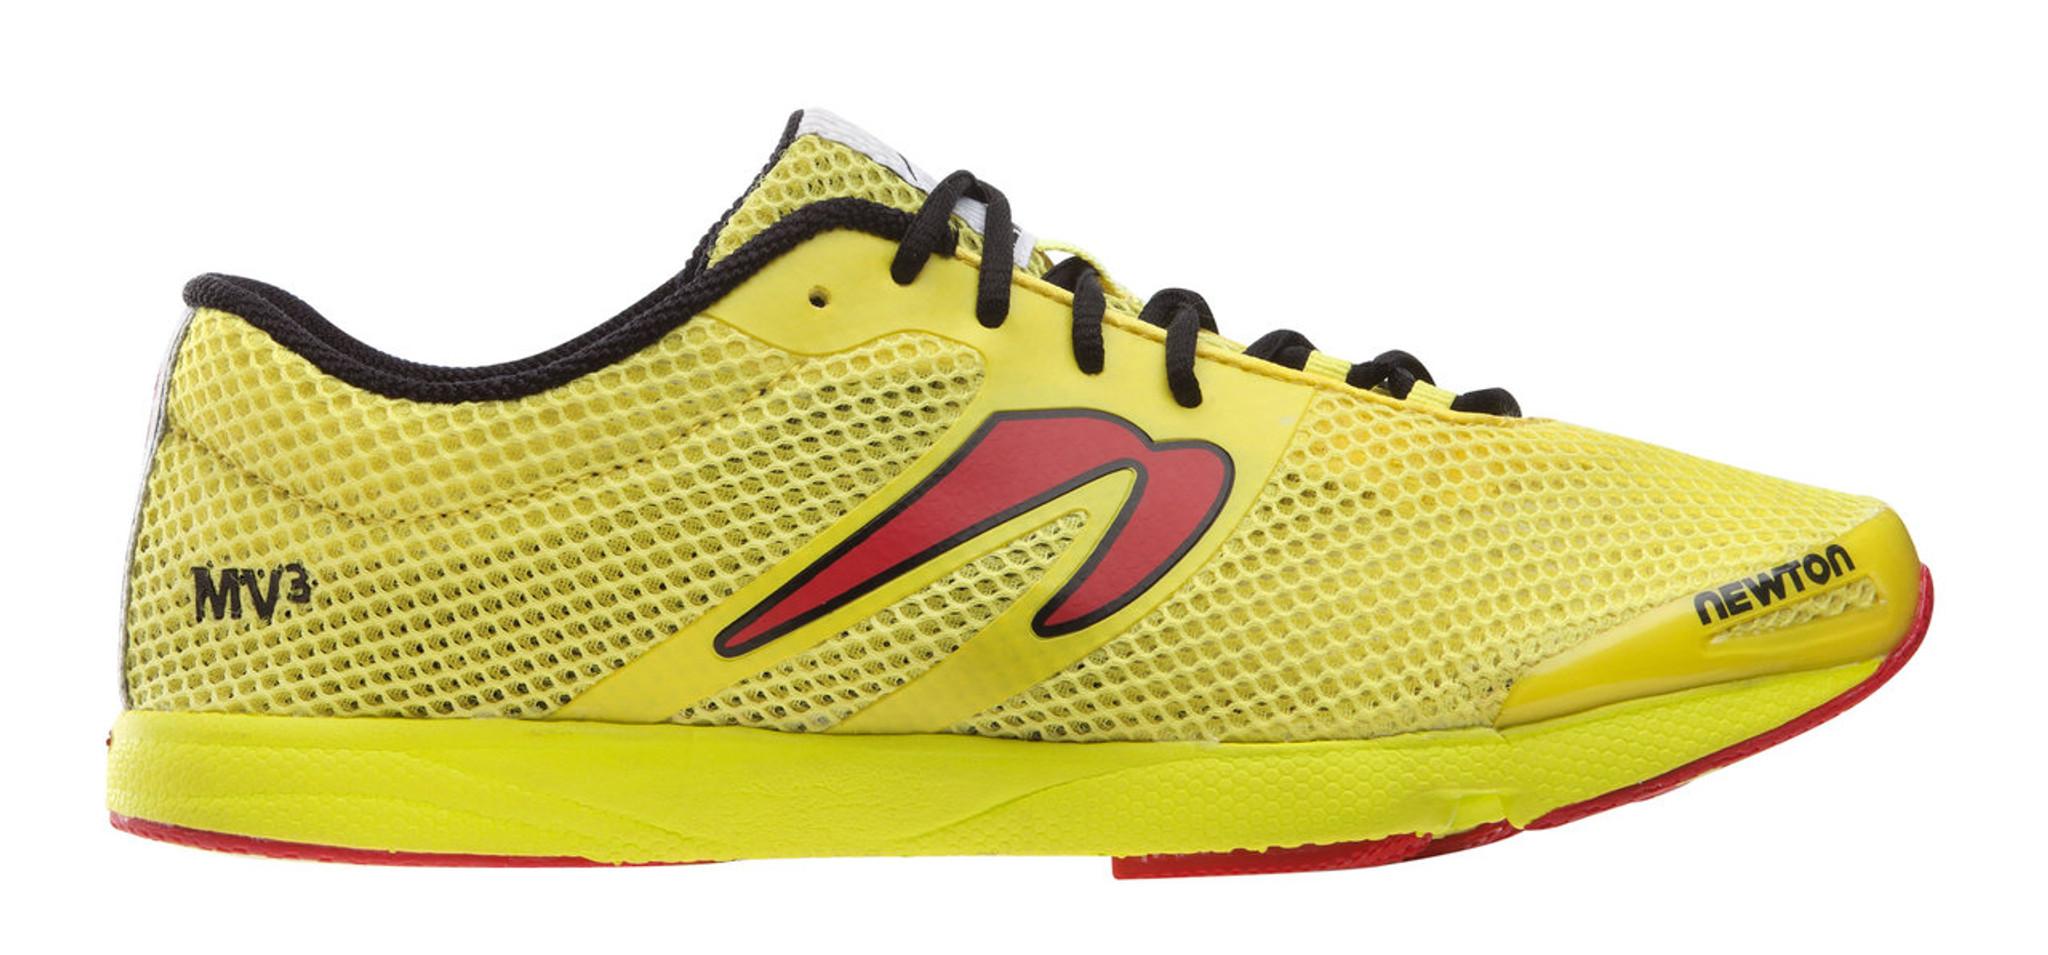 Newton Running MV3 Trail Running Shoes Yellow Mens